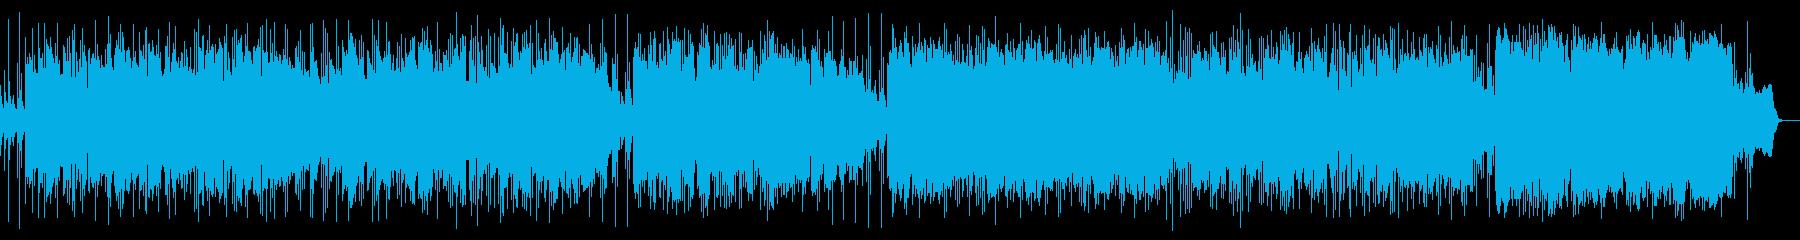 中世ヨーロッパの民族音楽の再生済みの波形